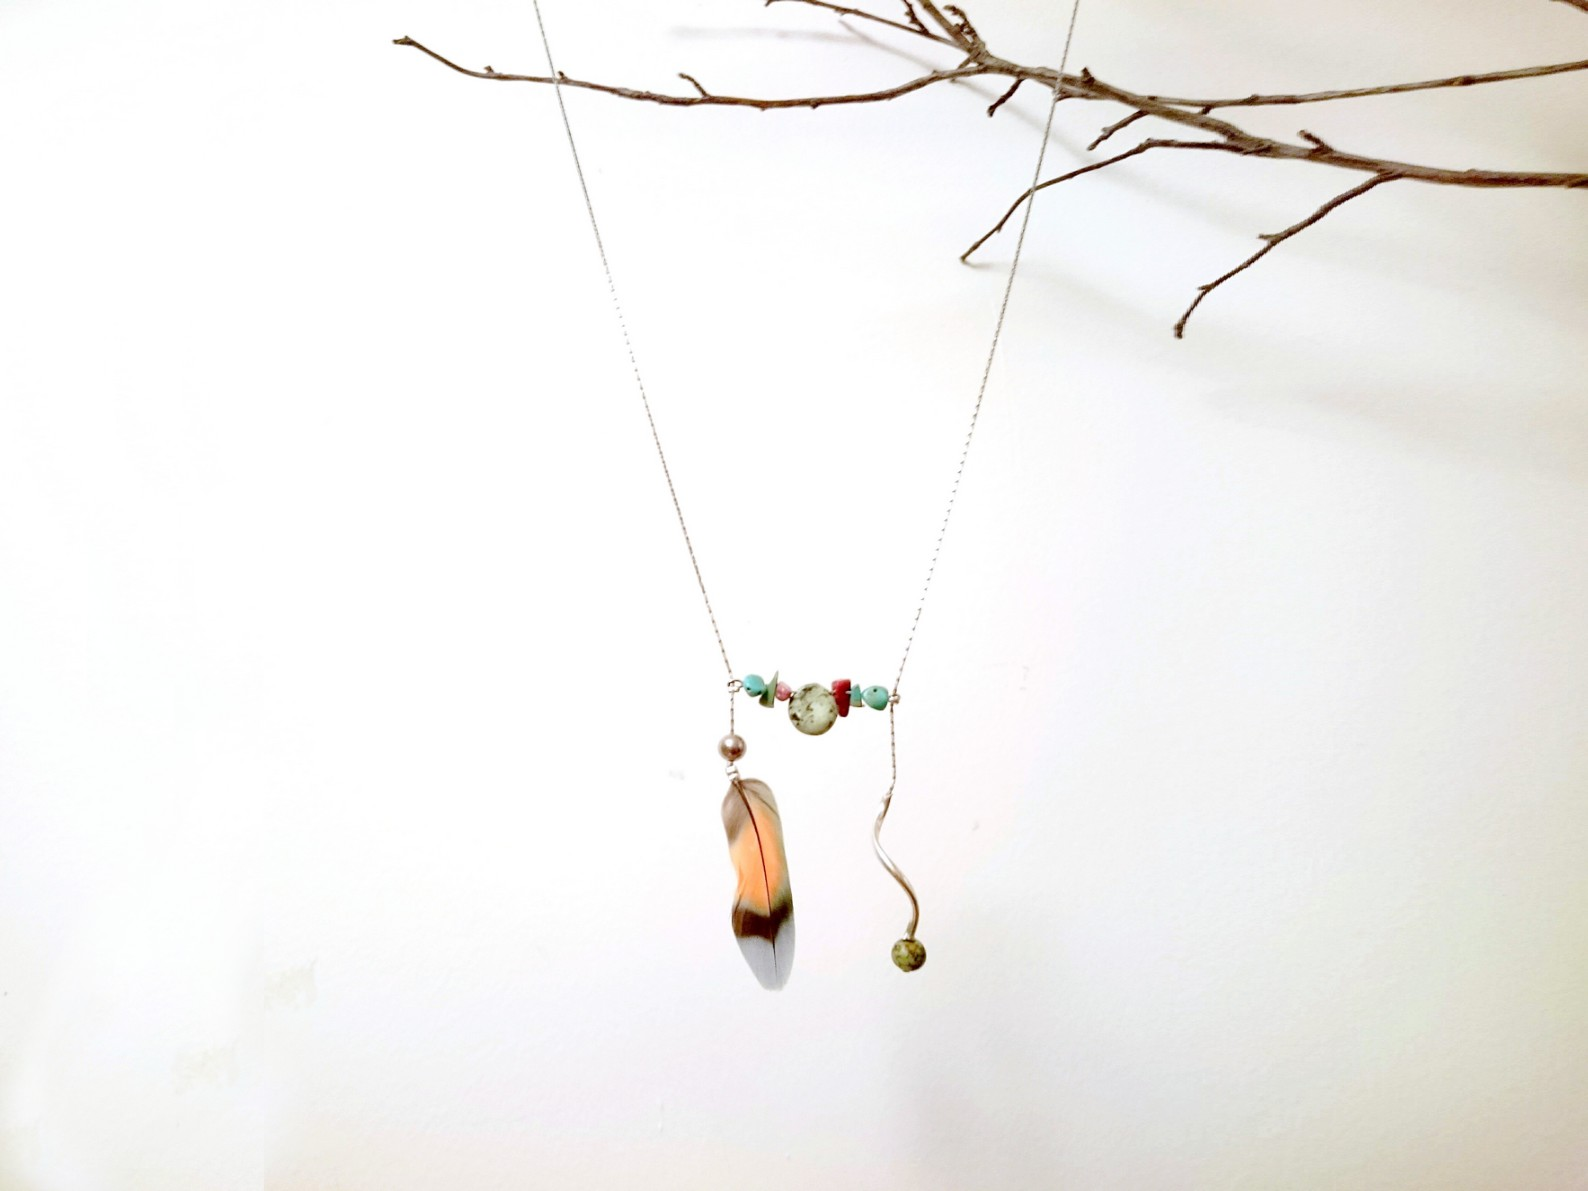 sautoir chaine argentée en forme de H avec des pierres et une plume multicolore